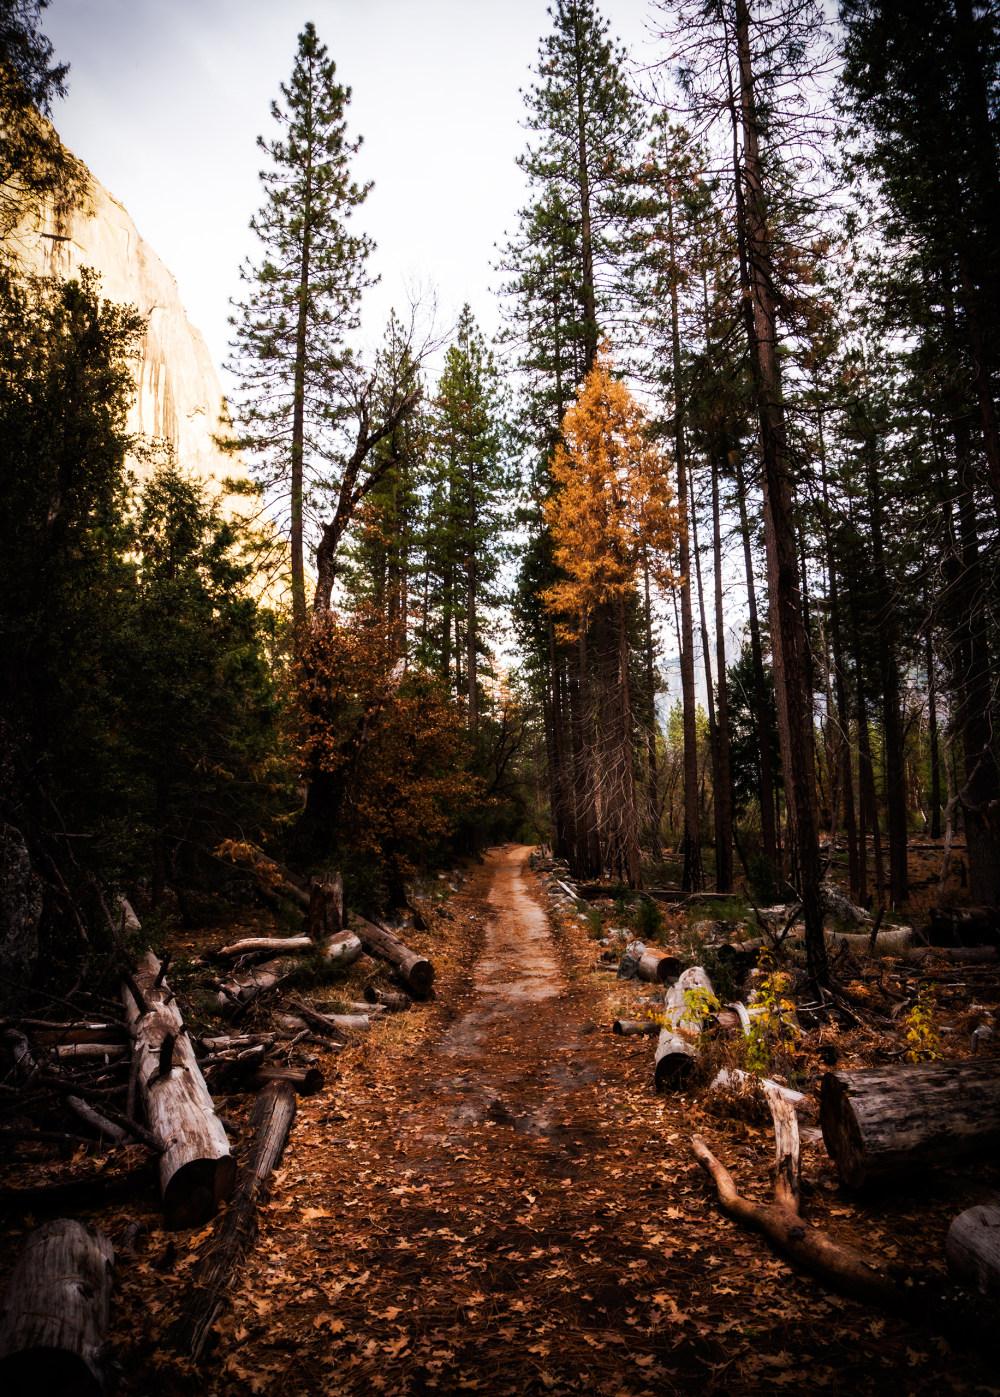 树林小路 高清自然风景背景摄影图 壁纸